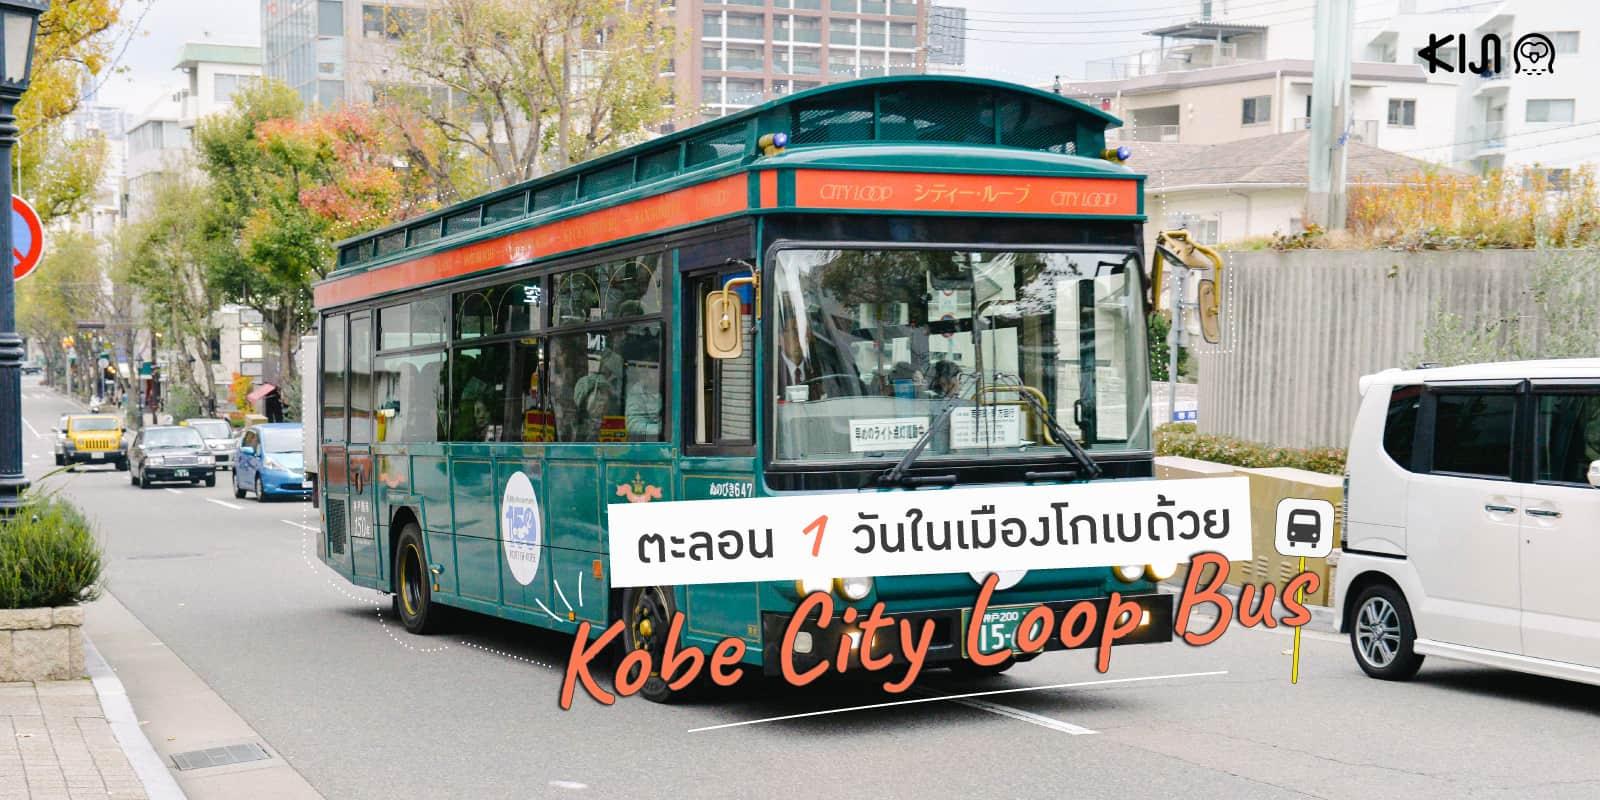 เที่ยวโกเบ 1 วัน ด้วย Kobe City Loop Bus